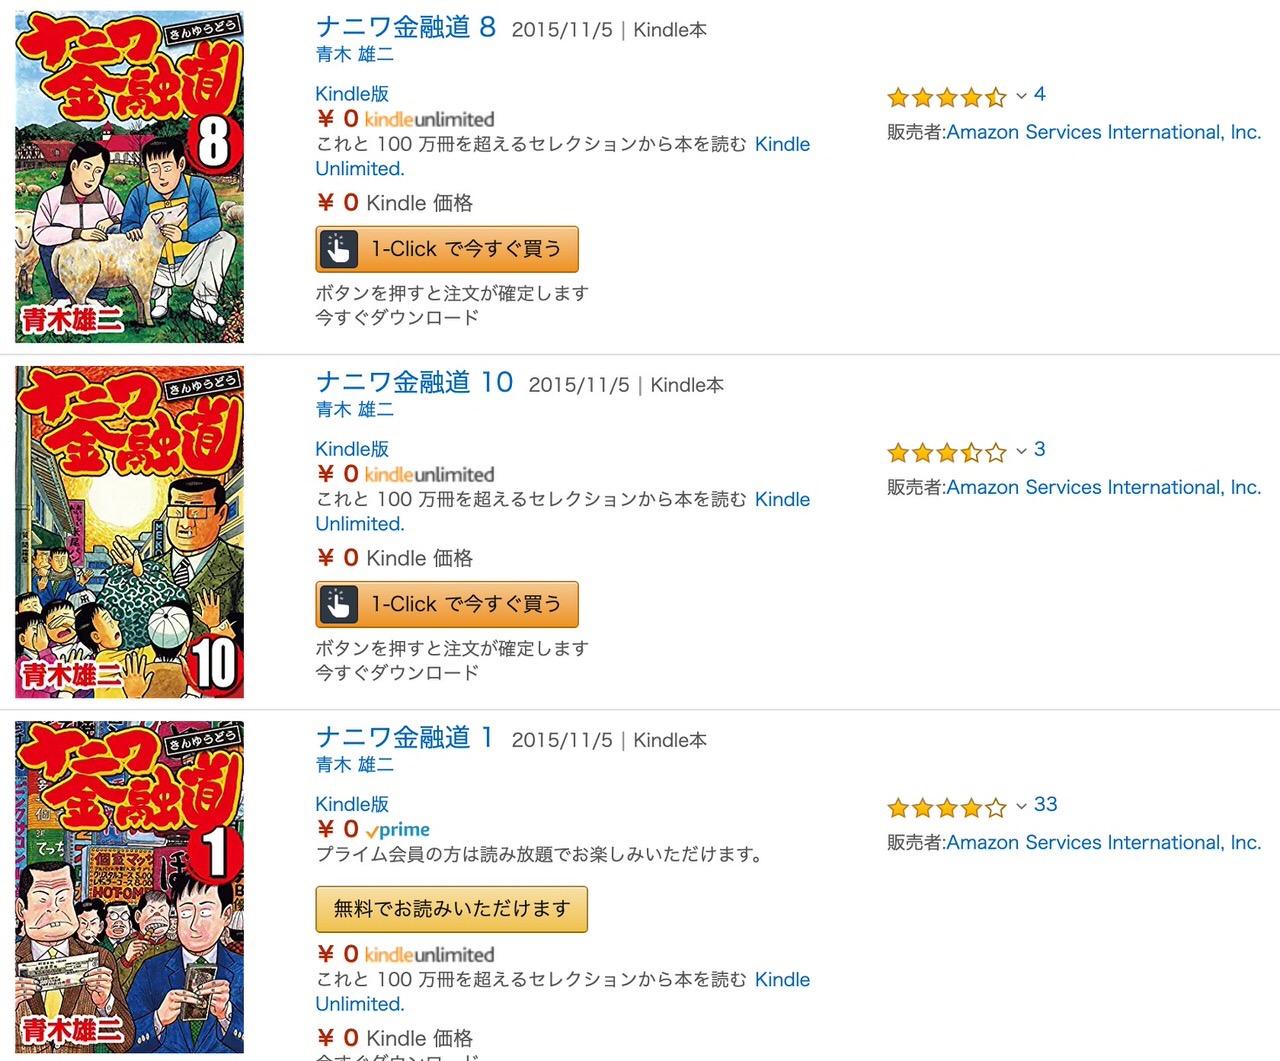 【Kindleセール】0円が18冊!ナニワ金融道など青木雄二作品無料&まとめ買いフェア(8/29まで)